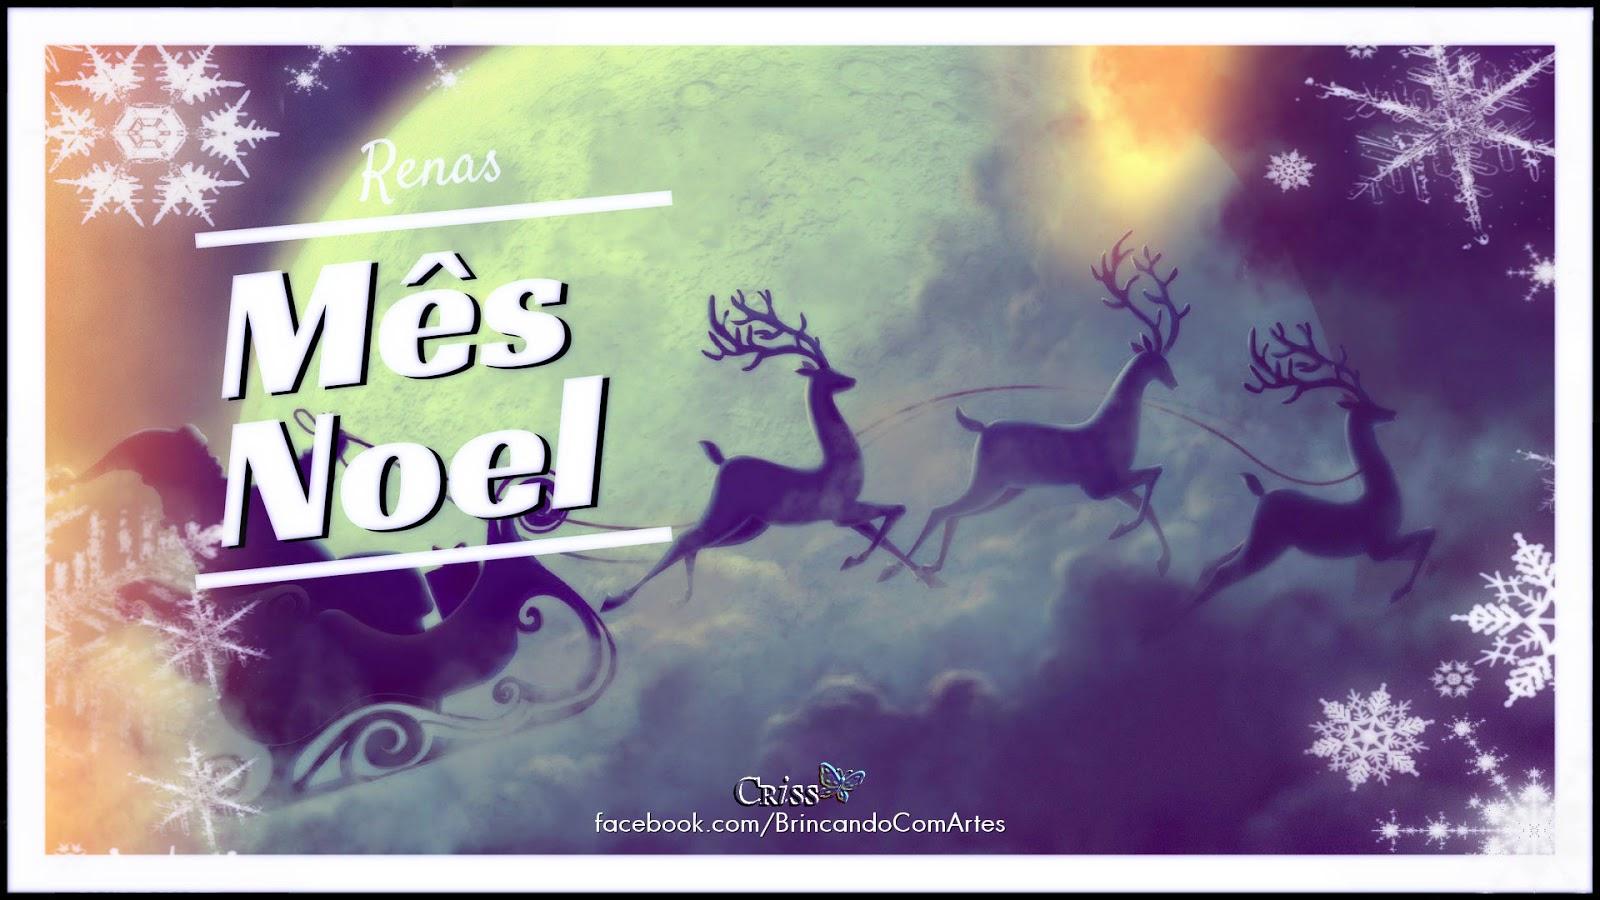 A Rena Mais Famosa Do Papai Noel brincando com arte - o¤°sorriso°¤o: renas sabem voar?